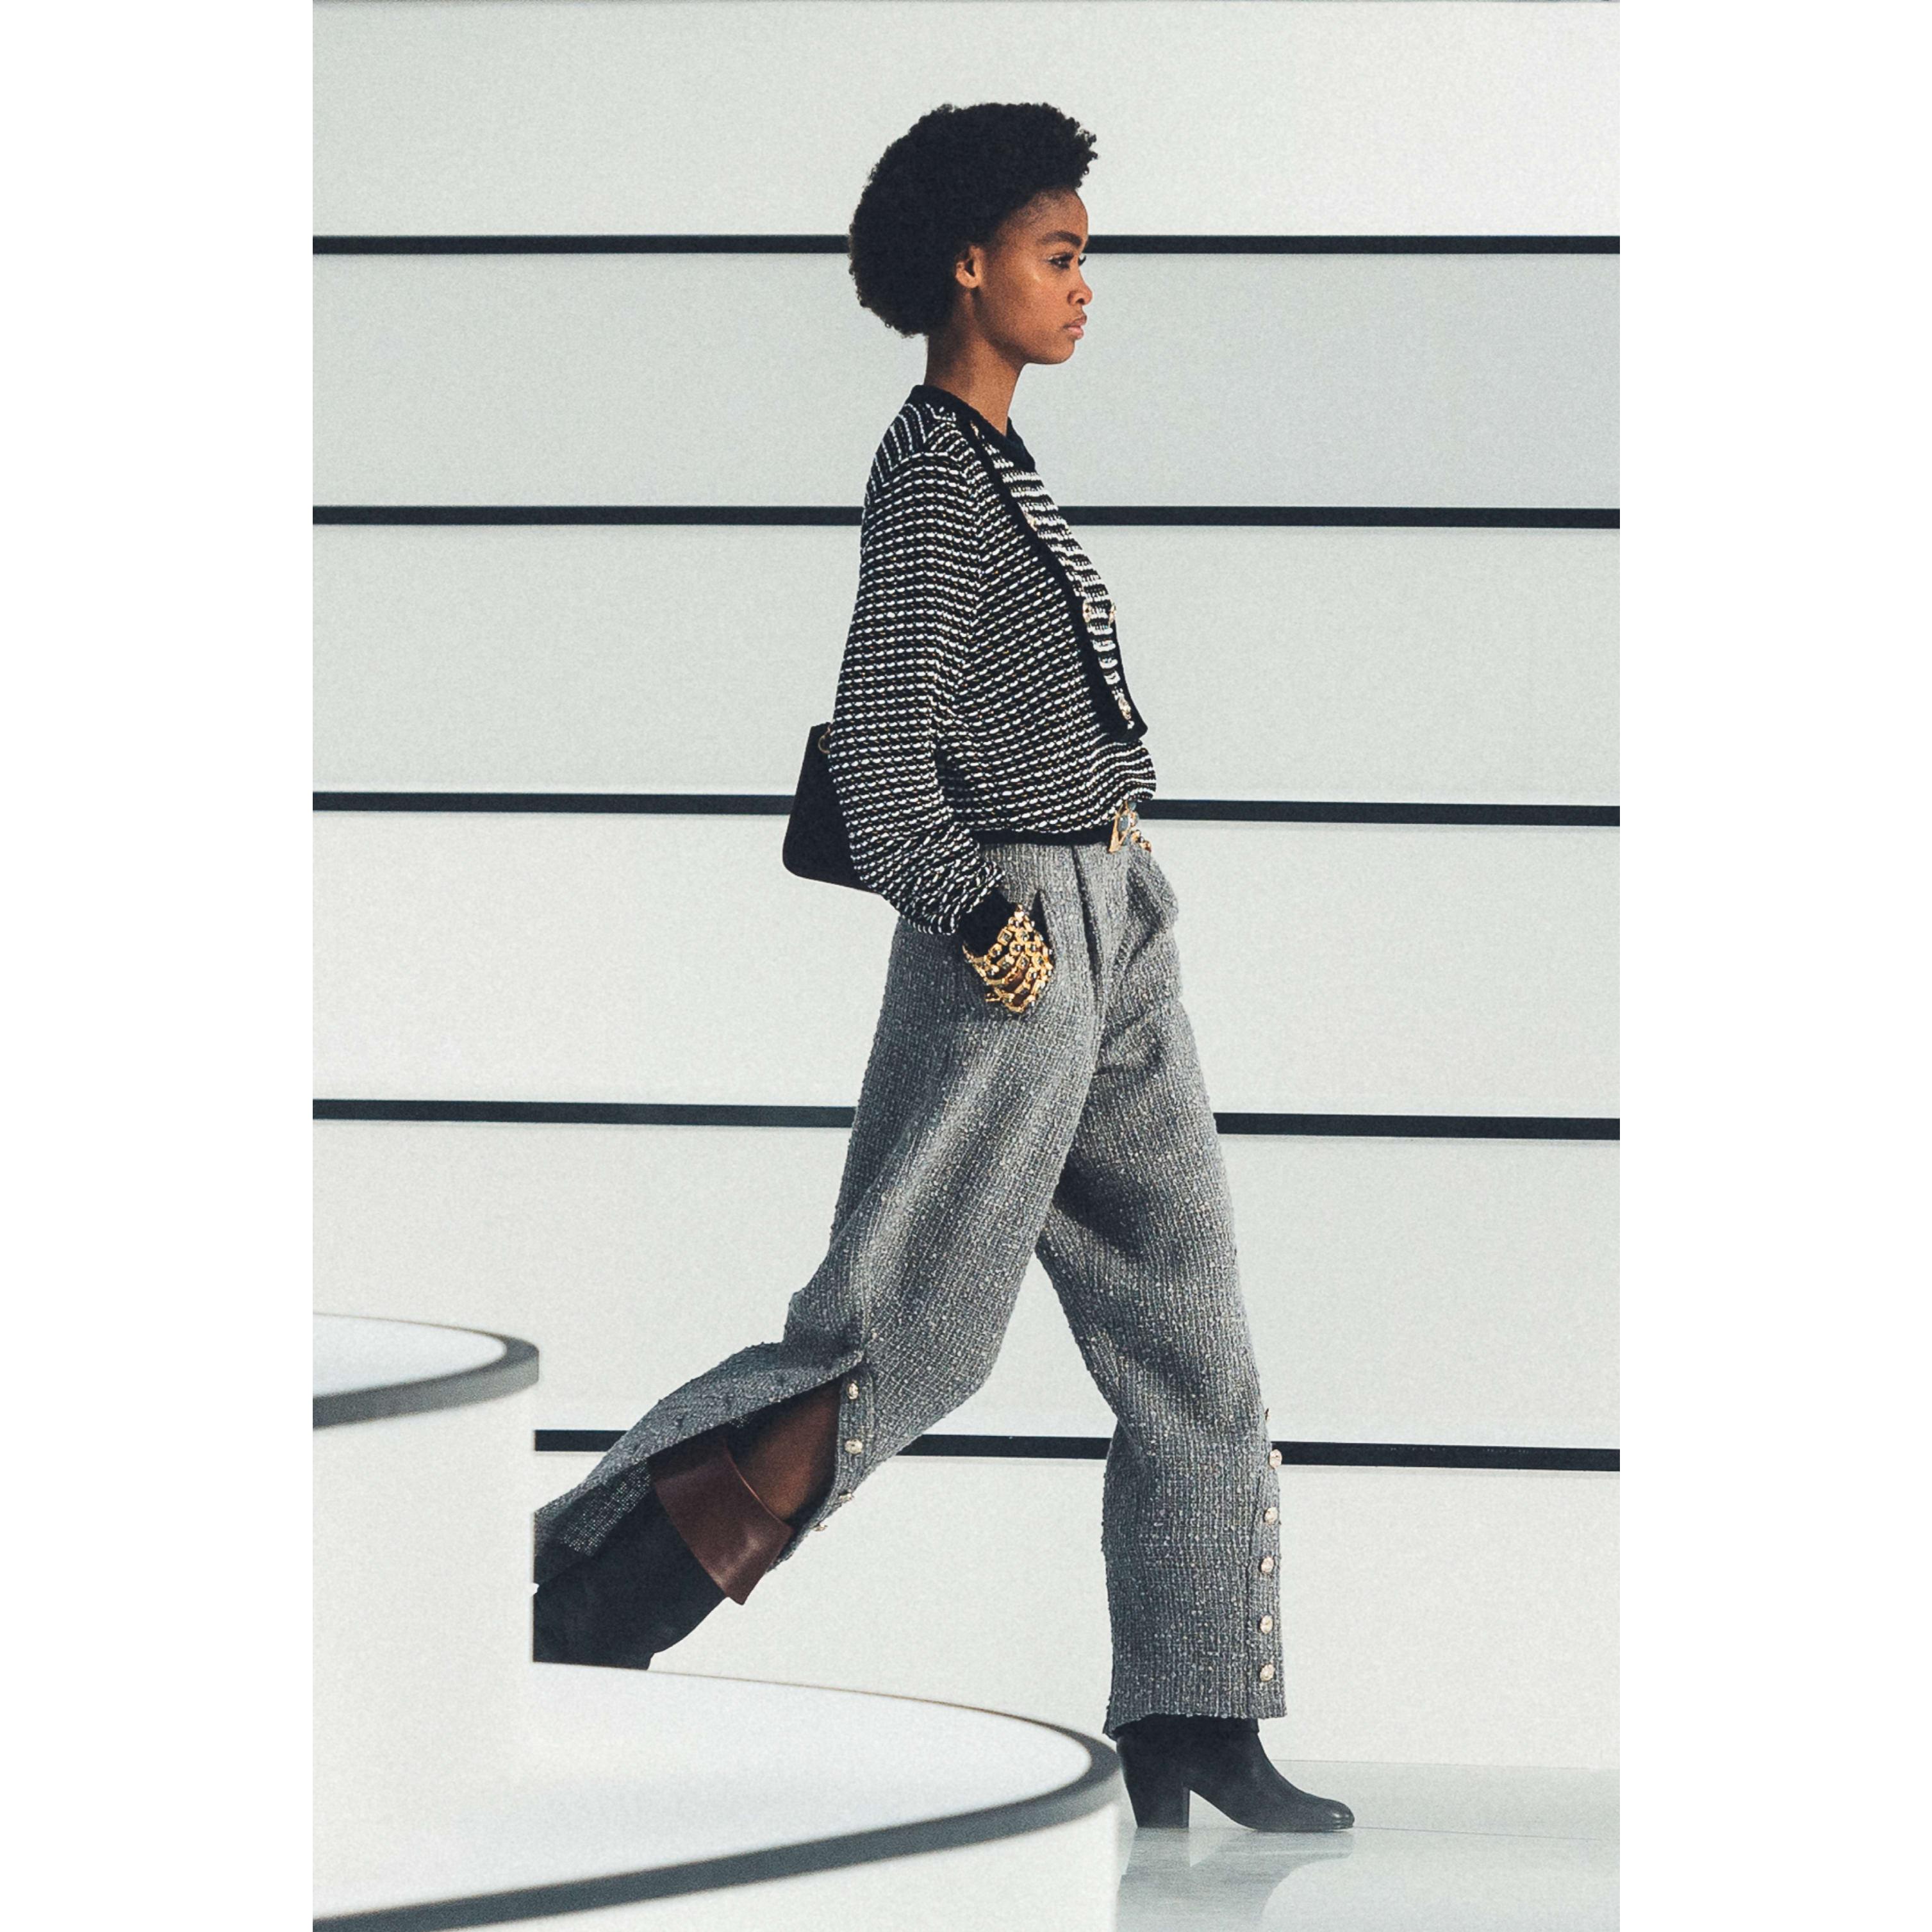 กางเกงขายาว - สีเทา - ผ้าวูลทวีต - CHANEL - มุมมองปัจจุบัน - ดูเวอร์ชันขนาดมาตรฐาน